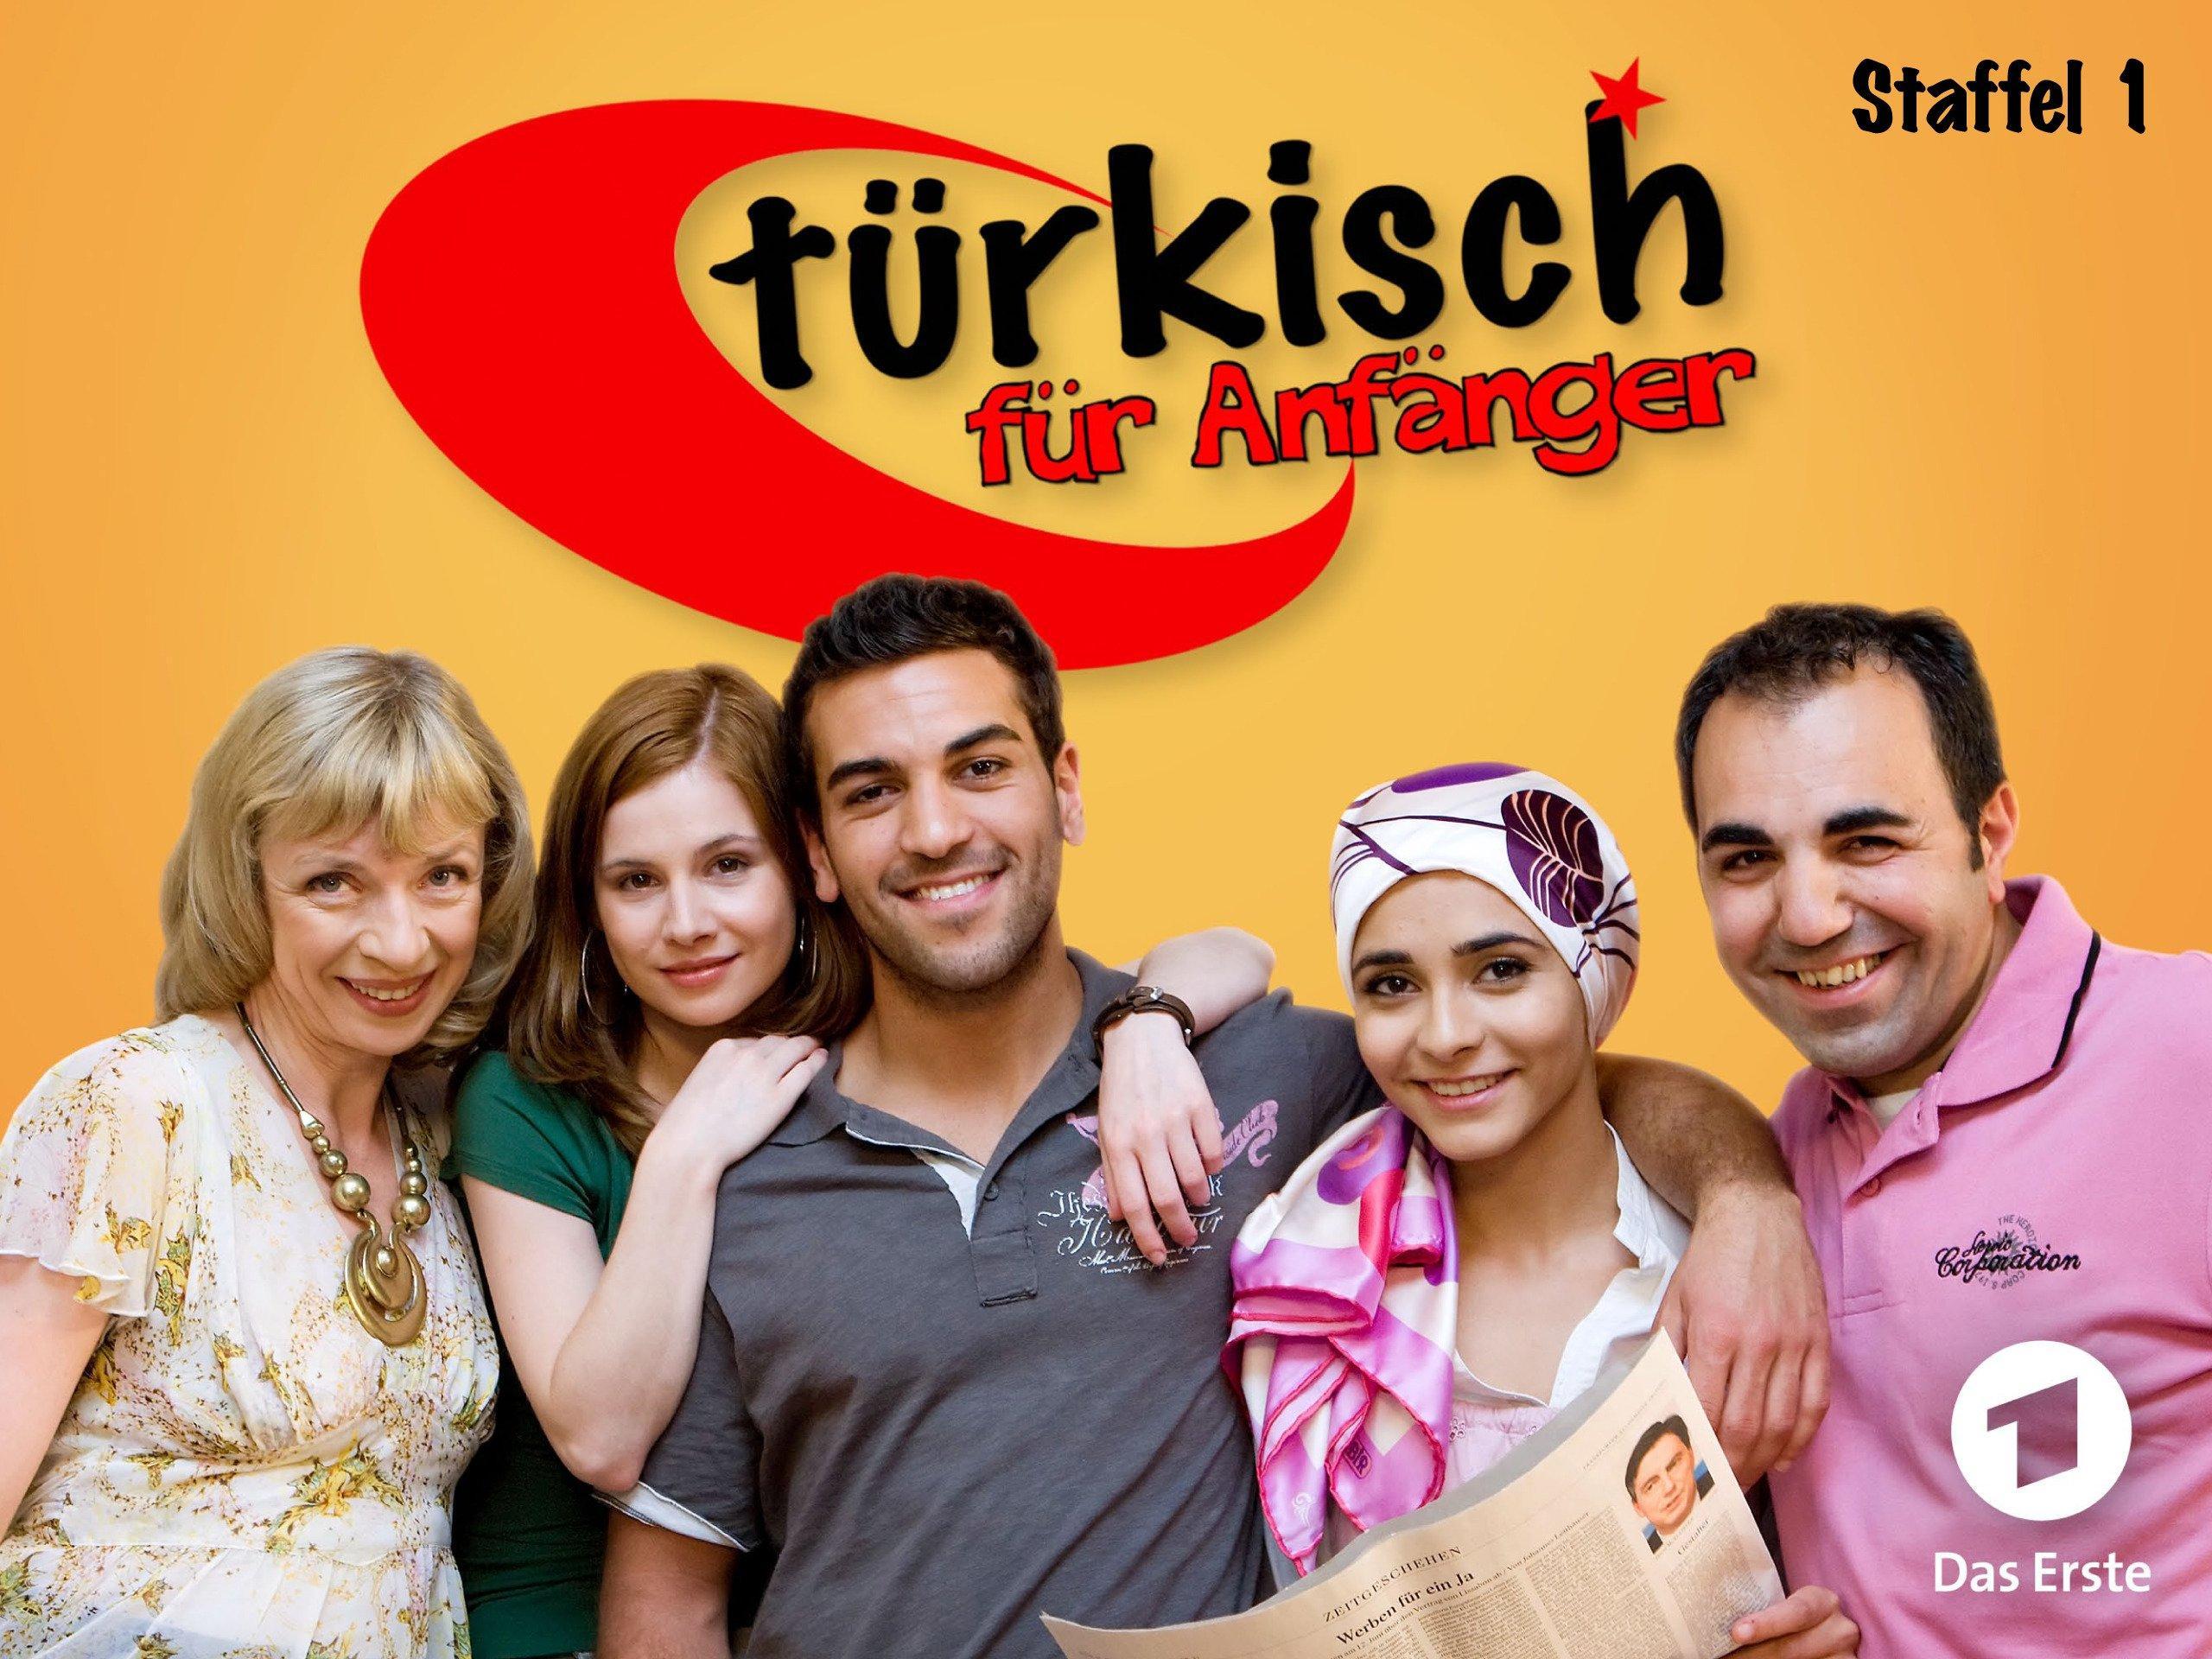 Türkisch Für Anfänger Staffel 1 Folge 14